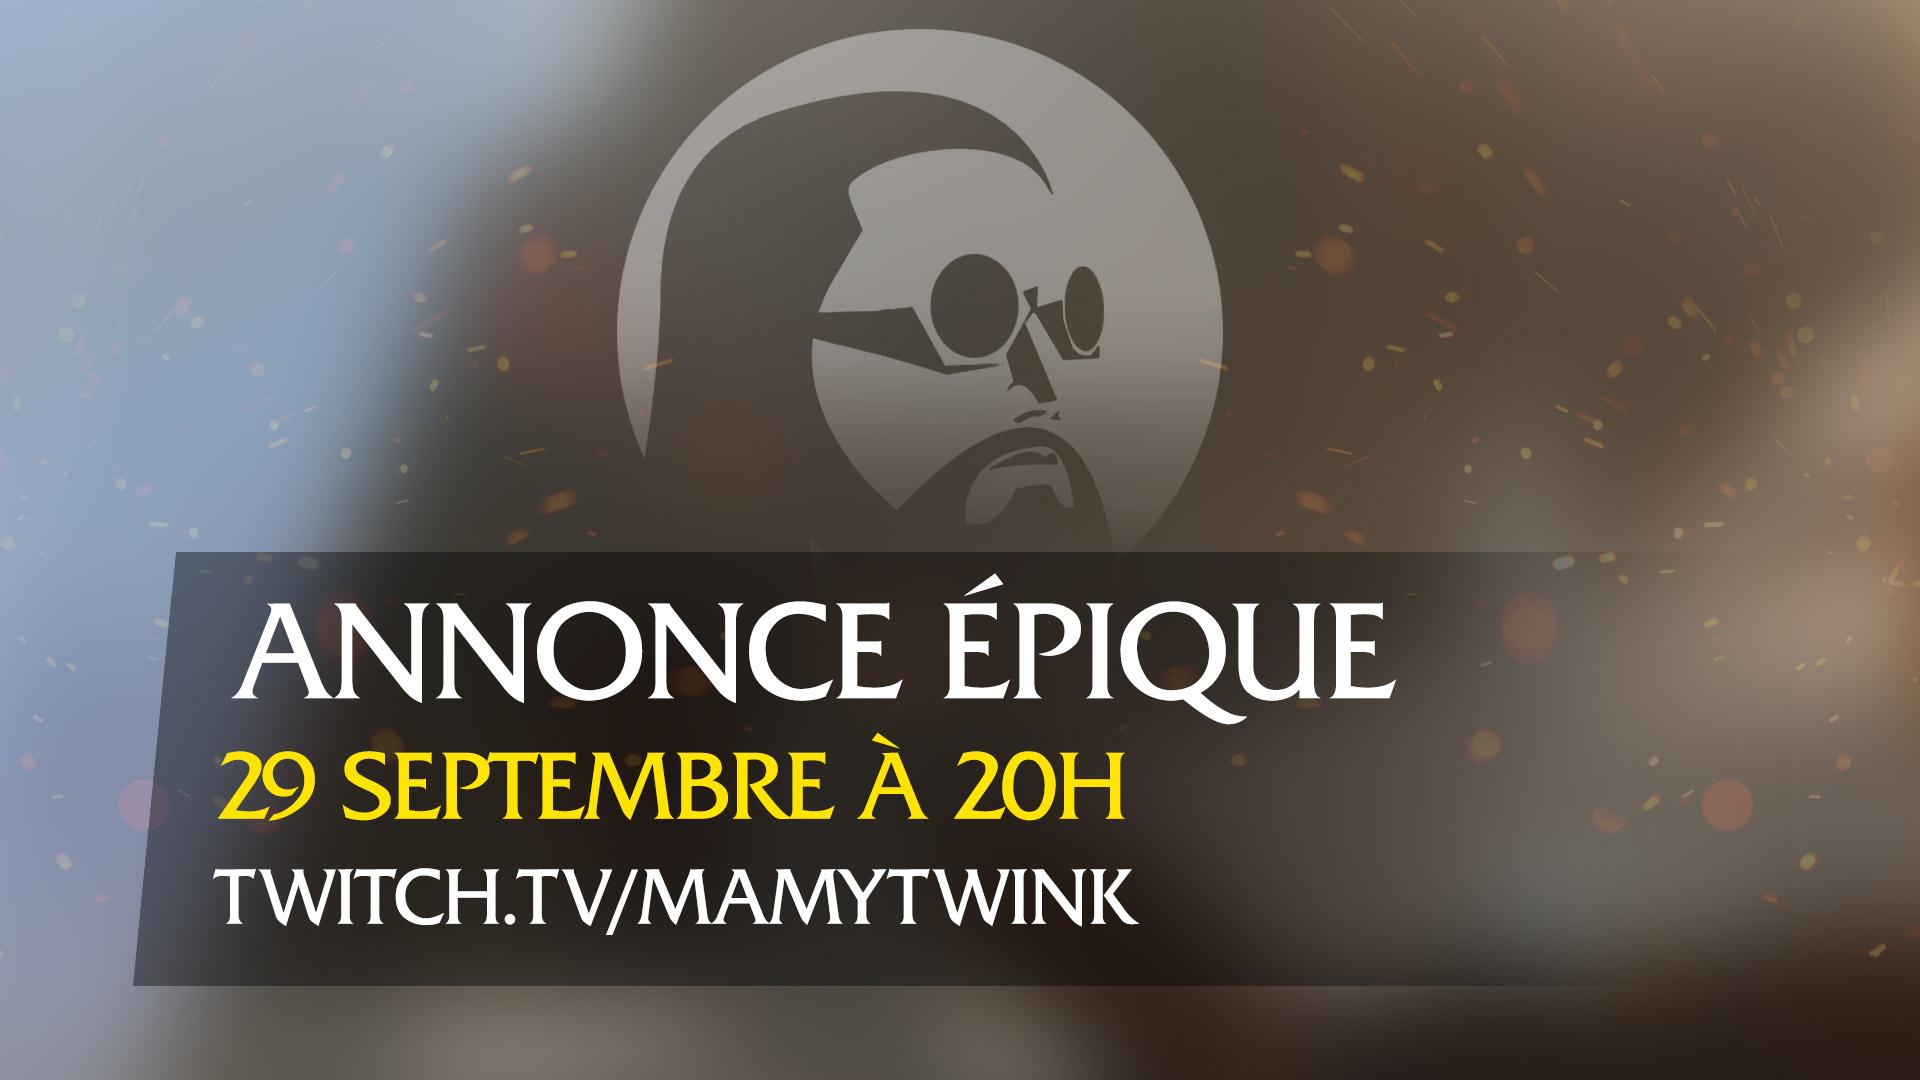 Retrouvez-nous le mardi 29 septembre à 20h pour suivre l'annonce en direct !